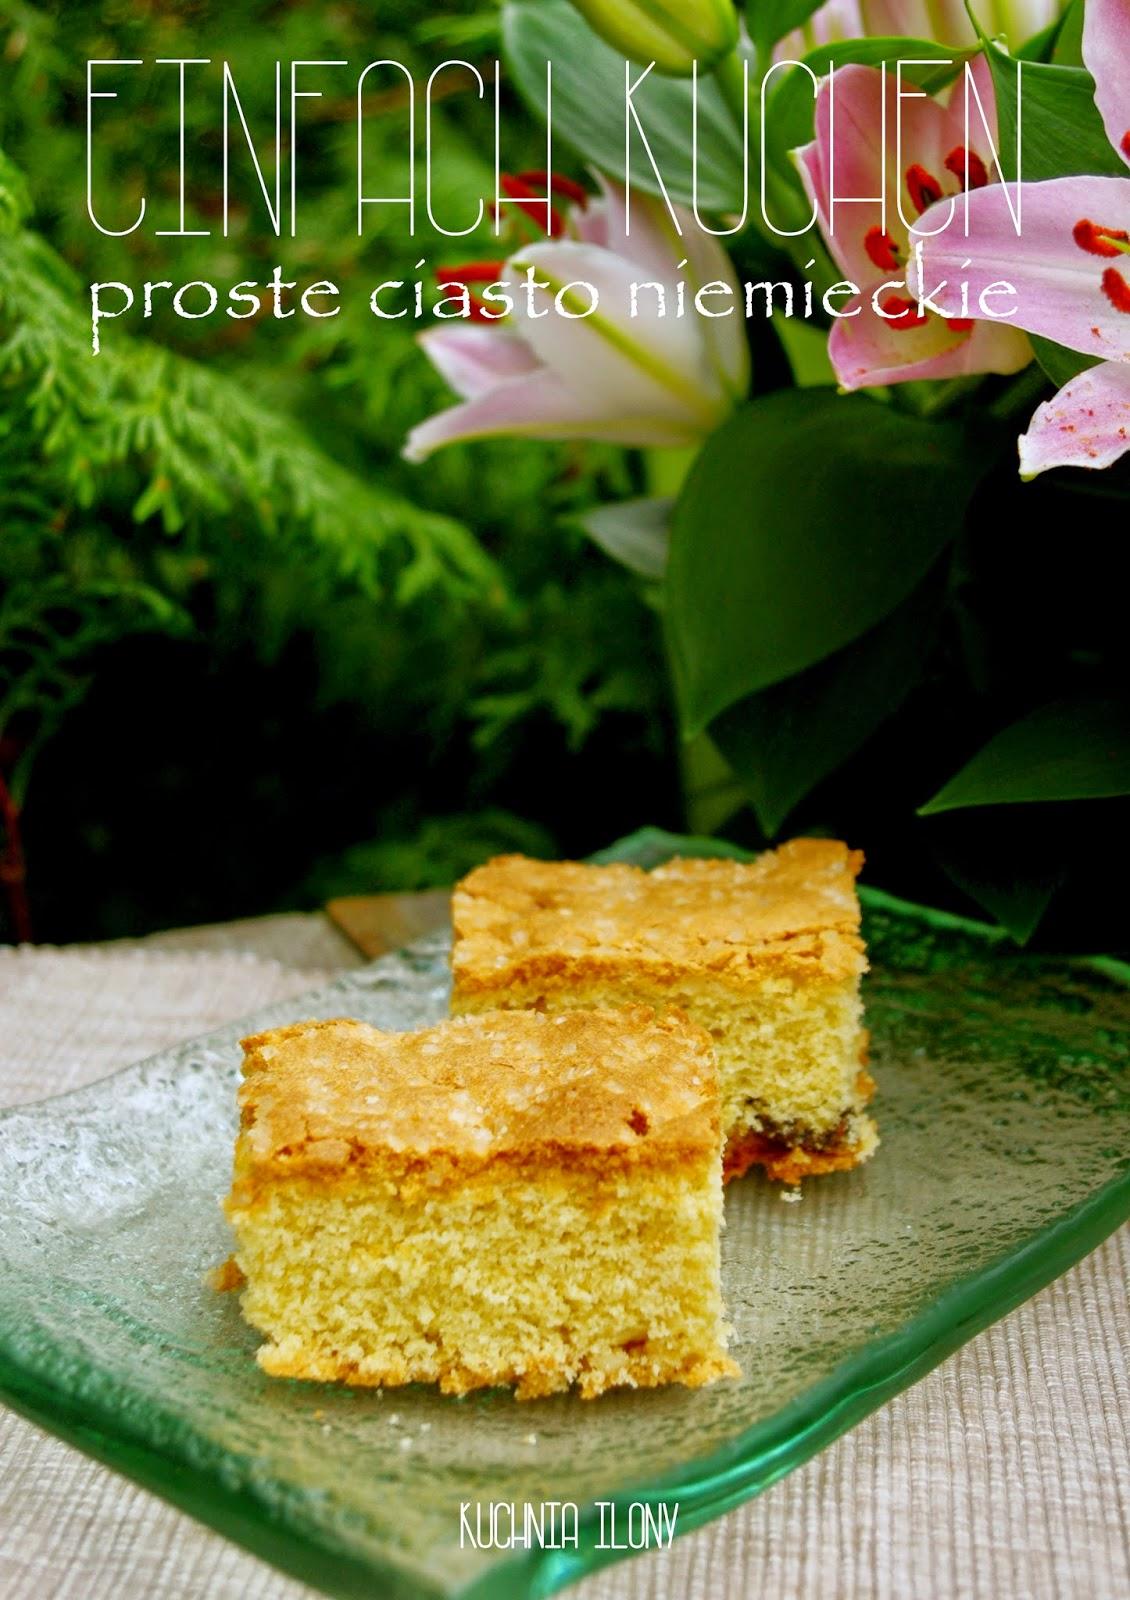 ciasto, proste ciasto w 30 minut, szybkie ciasto, ciasto niemieckie, einfach kuchen,